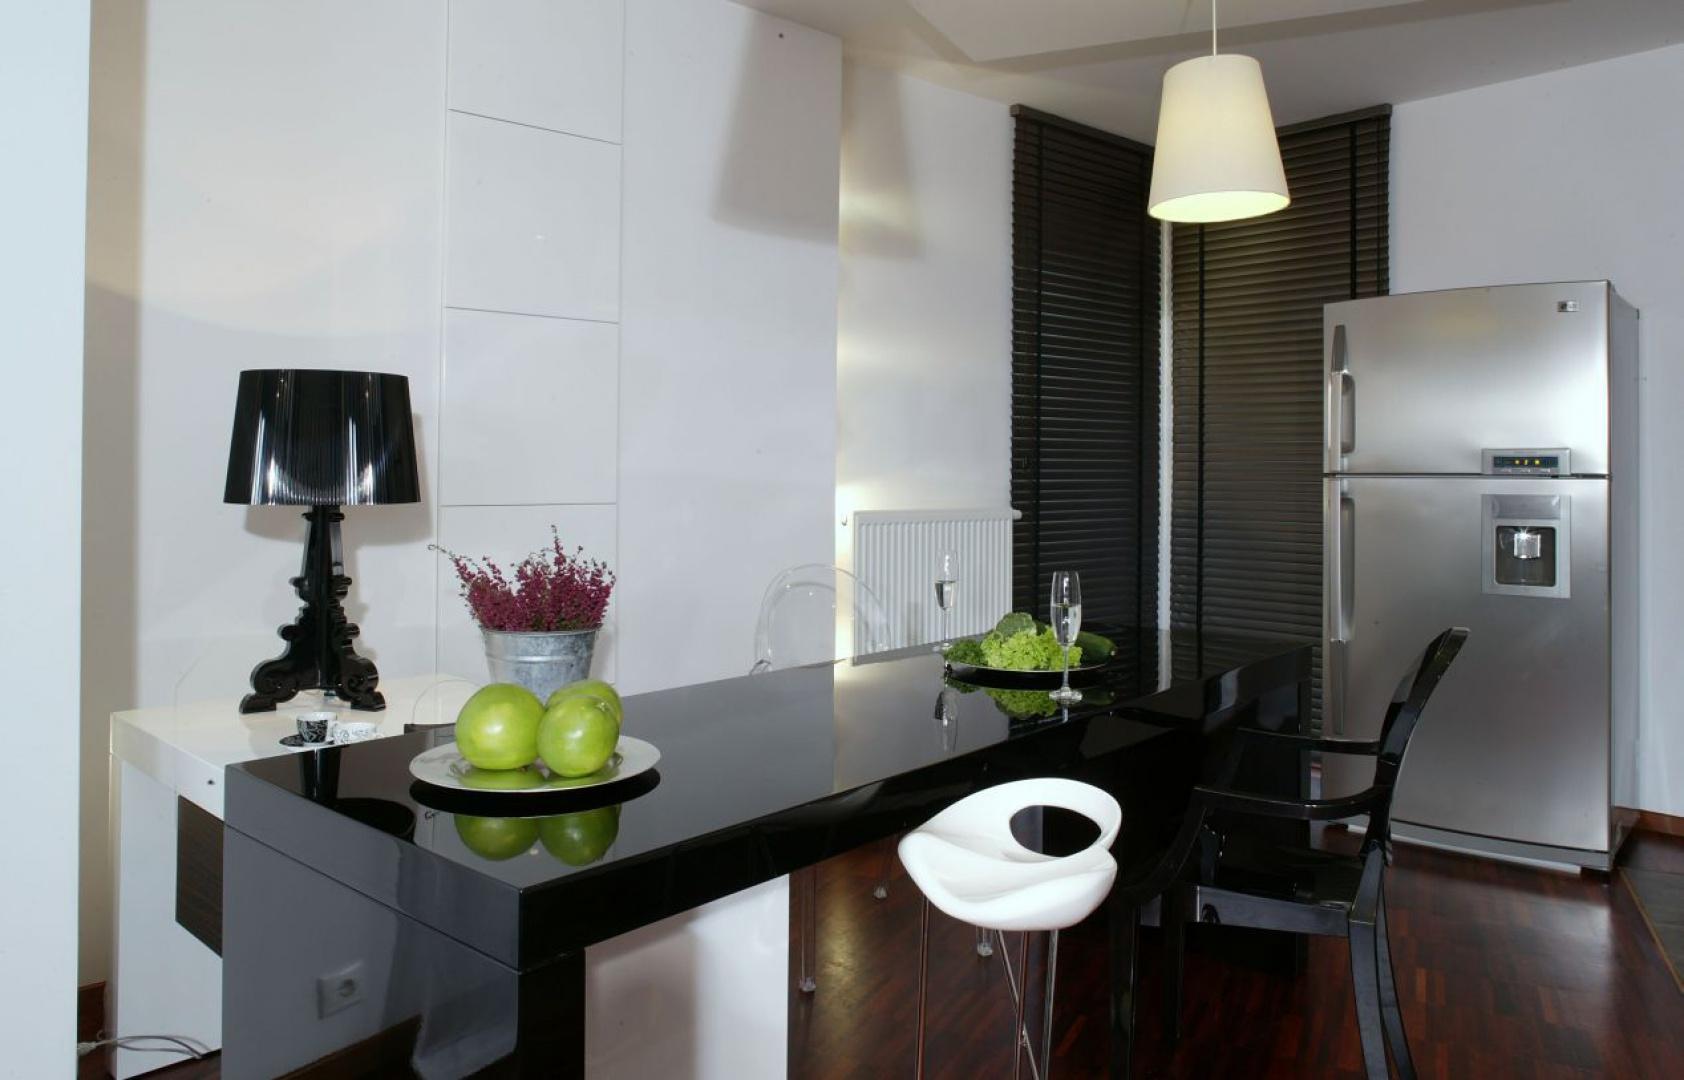 Czarno-biały stół jadalniany, wykonany na zamówienie z płyty MDF na wysoki połysk, ma bardzo ciekawą konstrukcję. Jego biała część jest mobilna – w zależności od potrzeb można ją przesunąć w dowolne miejsce. Fot. Monika Filipiuk.